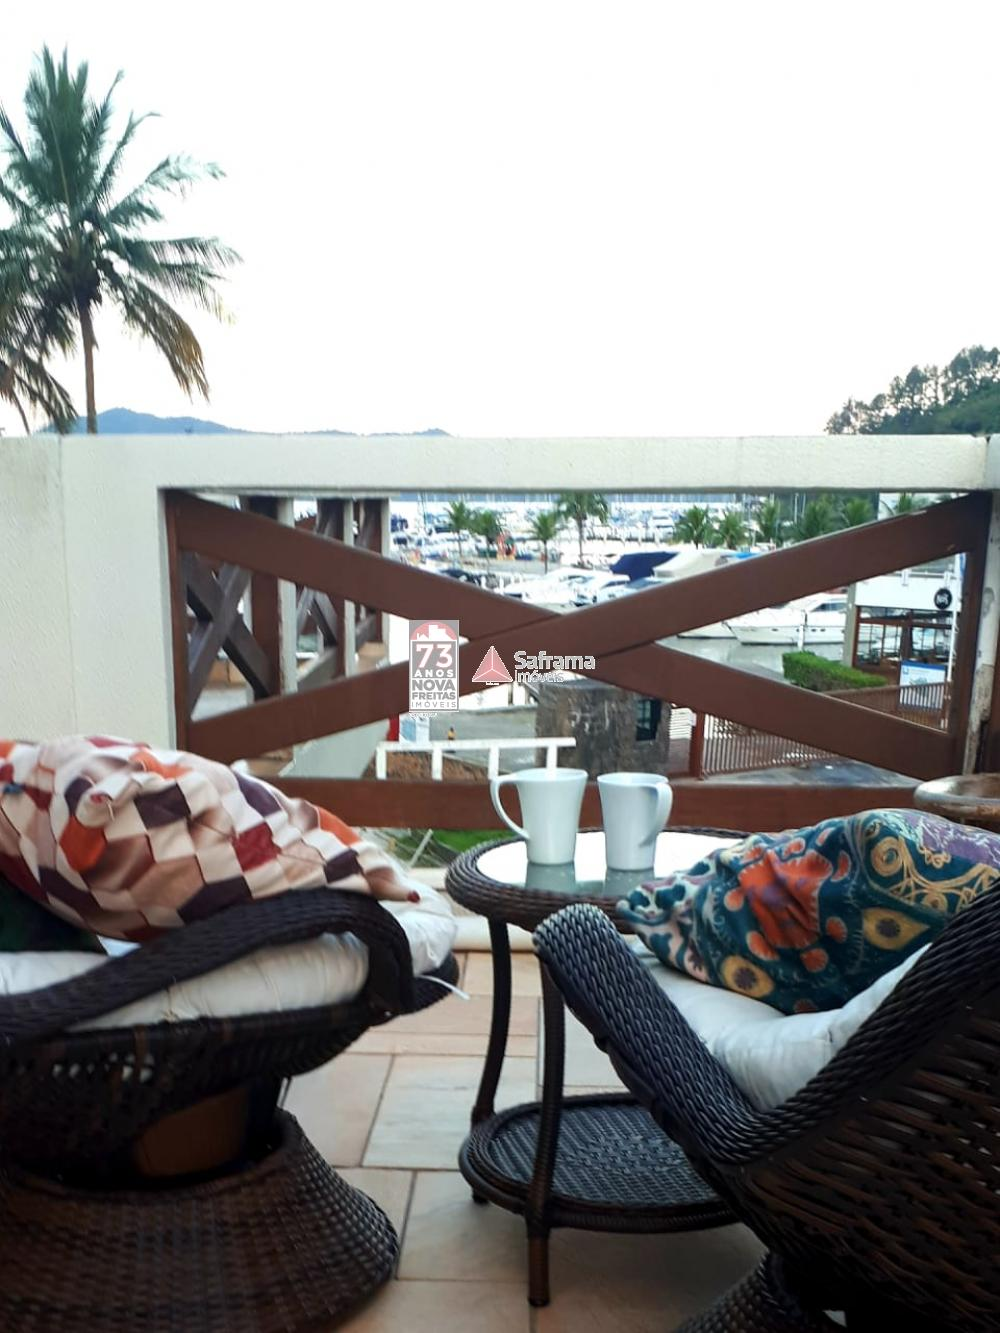 Alugar Casa / Sobrado em Condomínio em Ubatuba R$ 2.800,00 - Foto 12